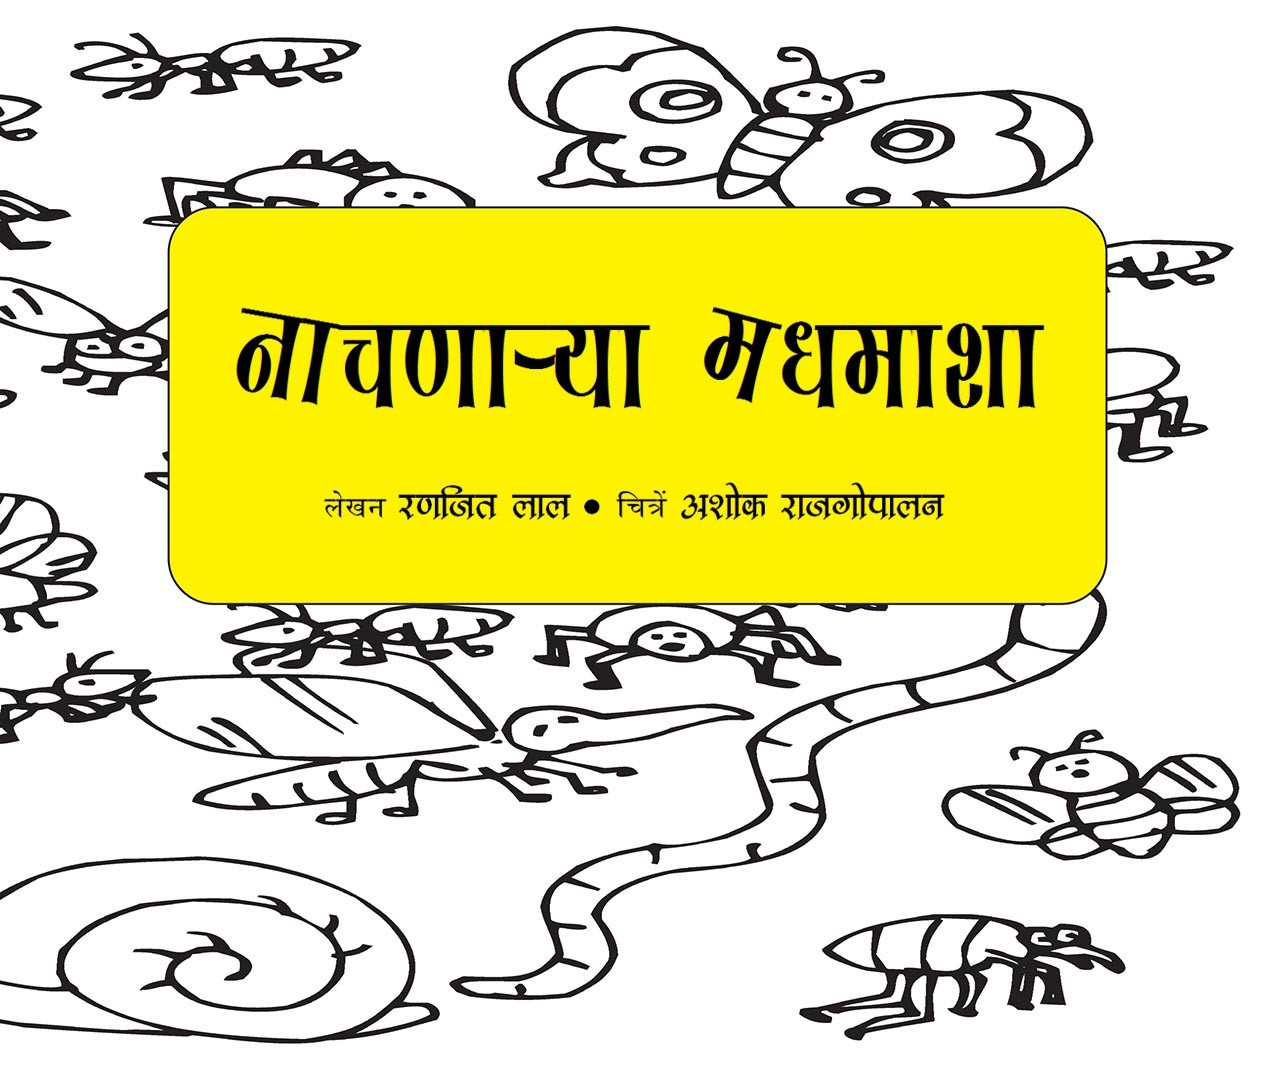 Dancing Bees/Naachnaarya Madhamasha (Marathi)